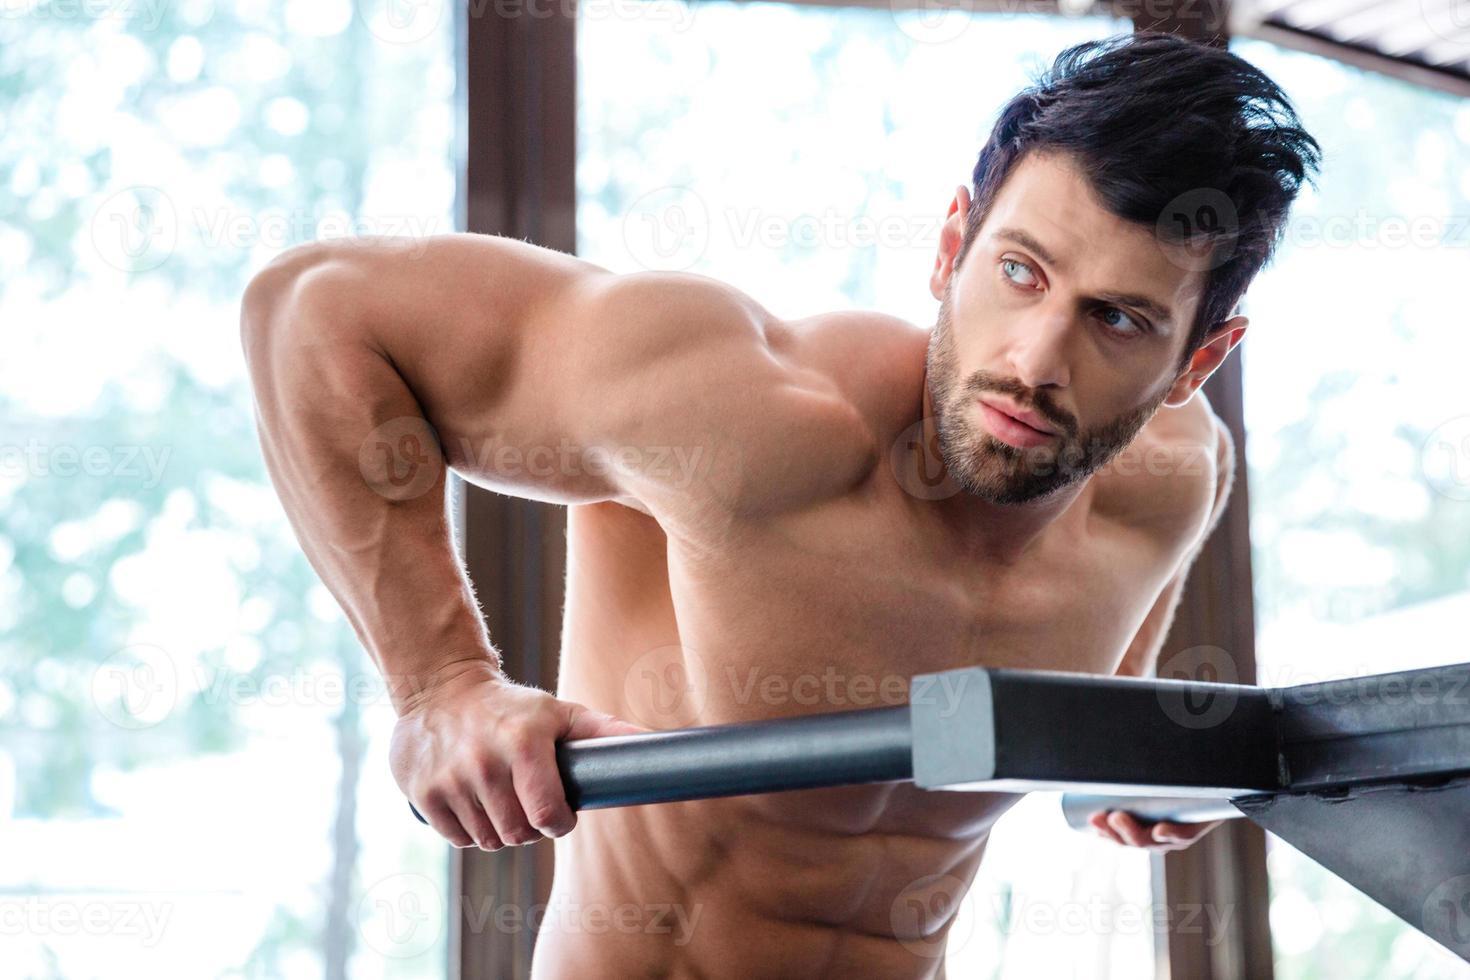 manlig kroppsbyggare träning på parallella barer foto